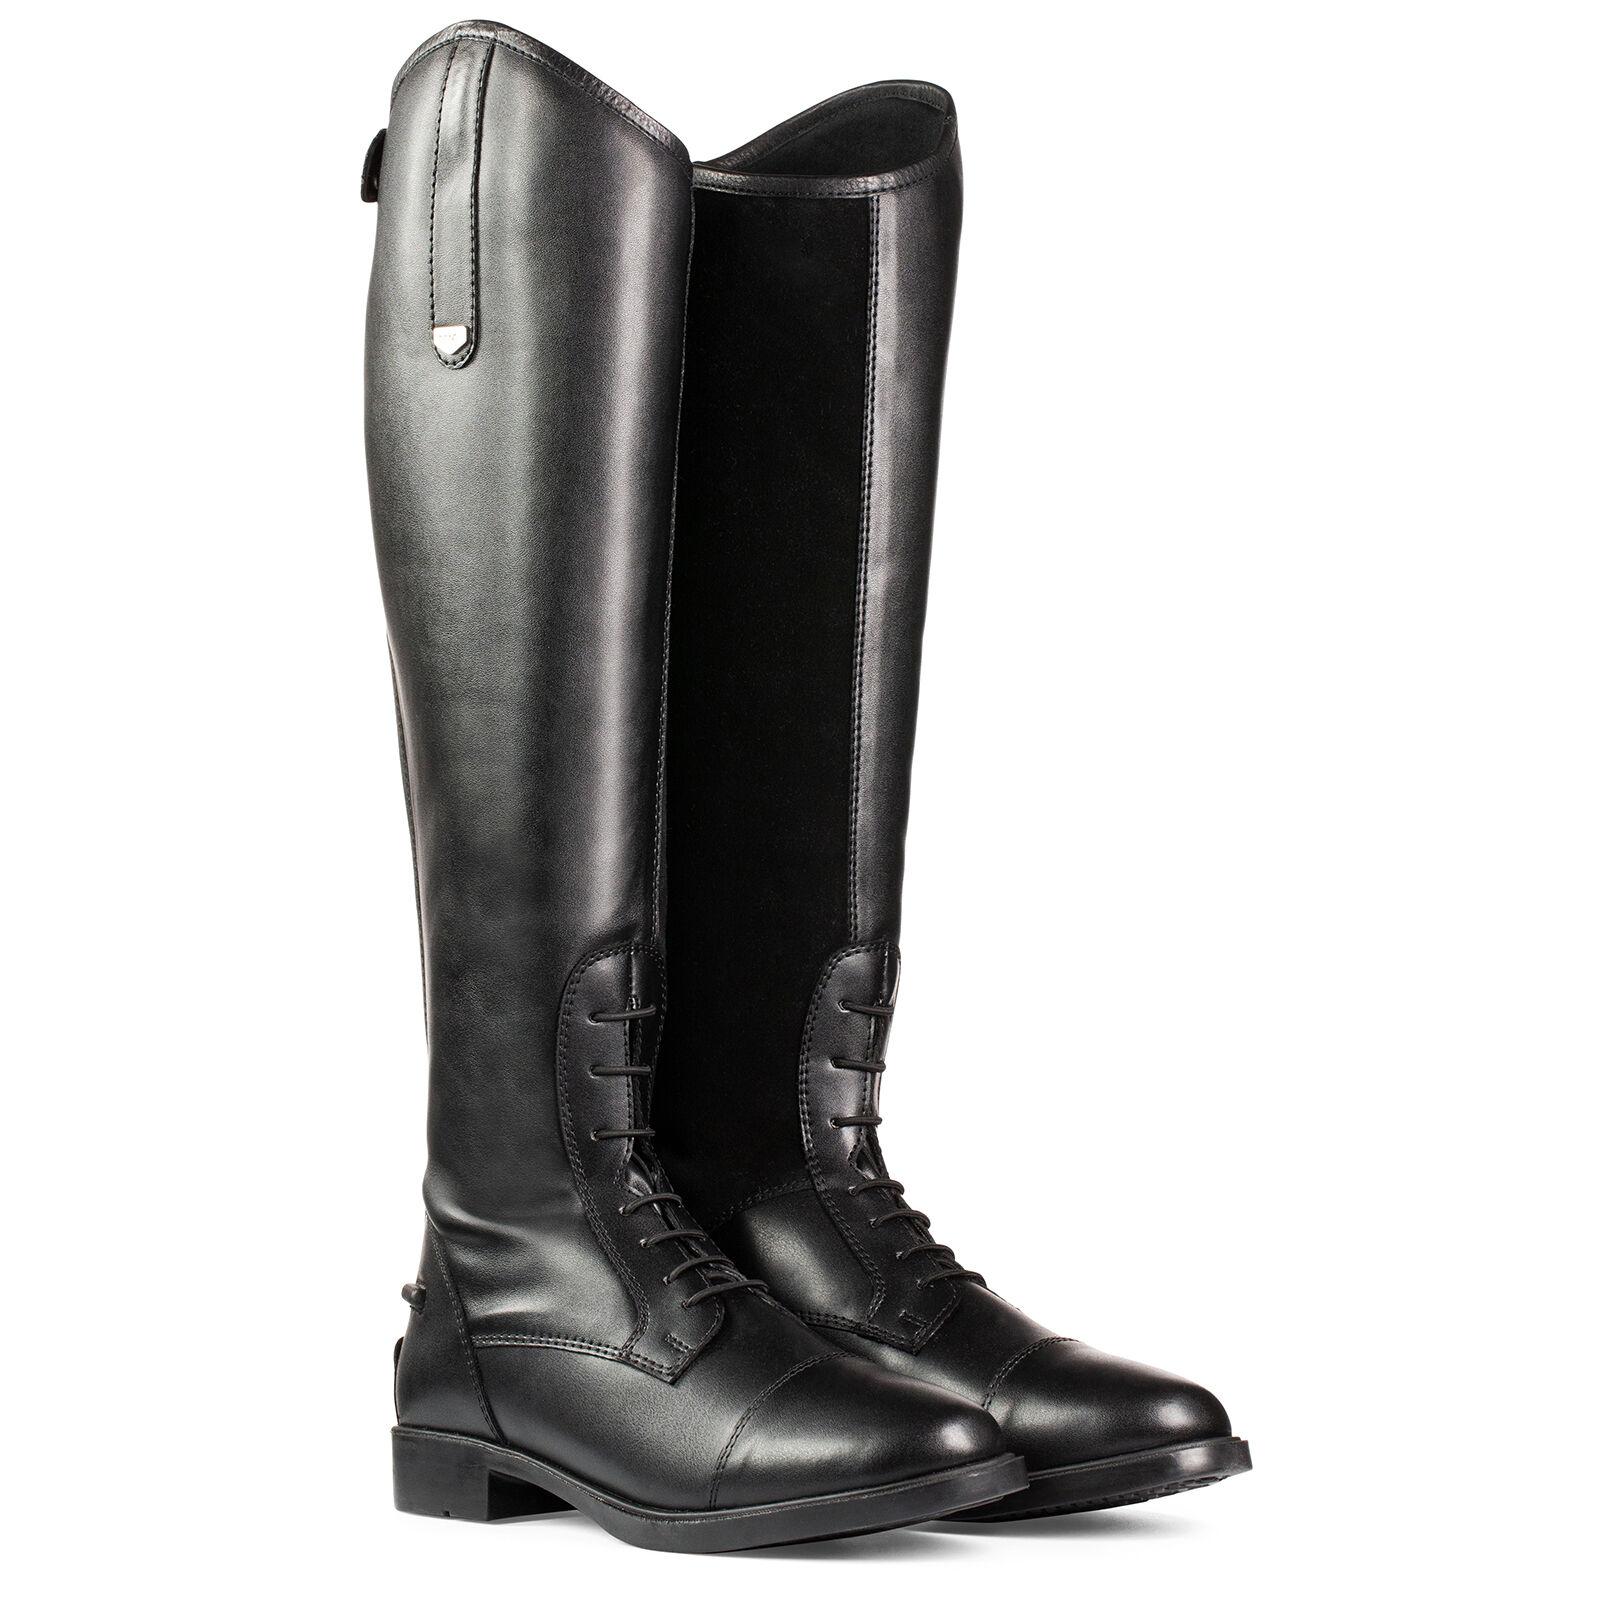 Online Schuhe BestellenHorze Reitstiefelamp; ch Jetzt K1F3JTlc